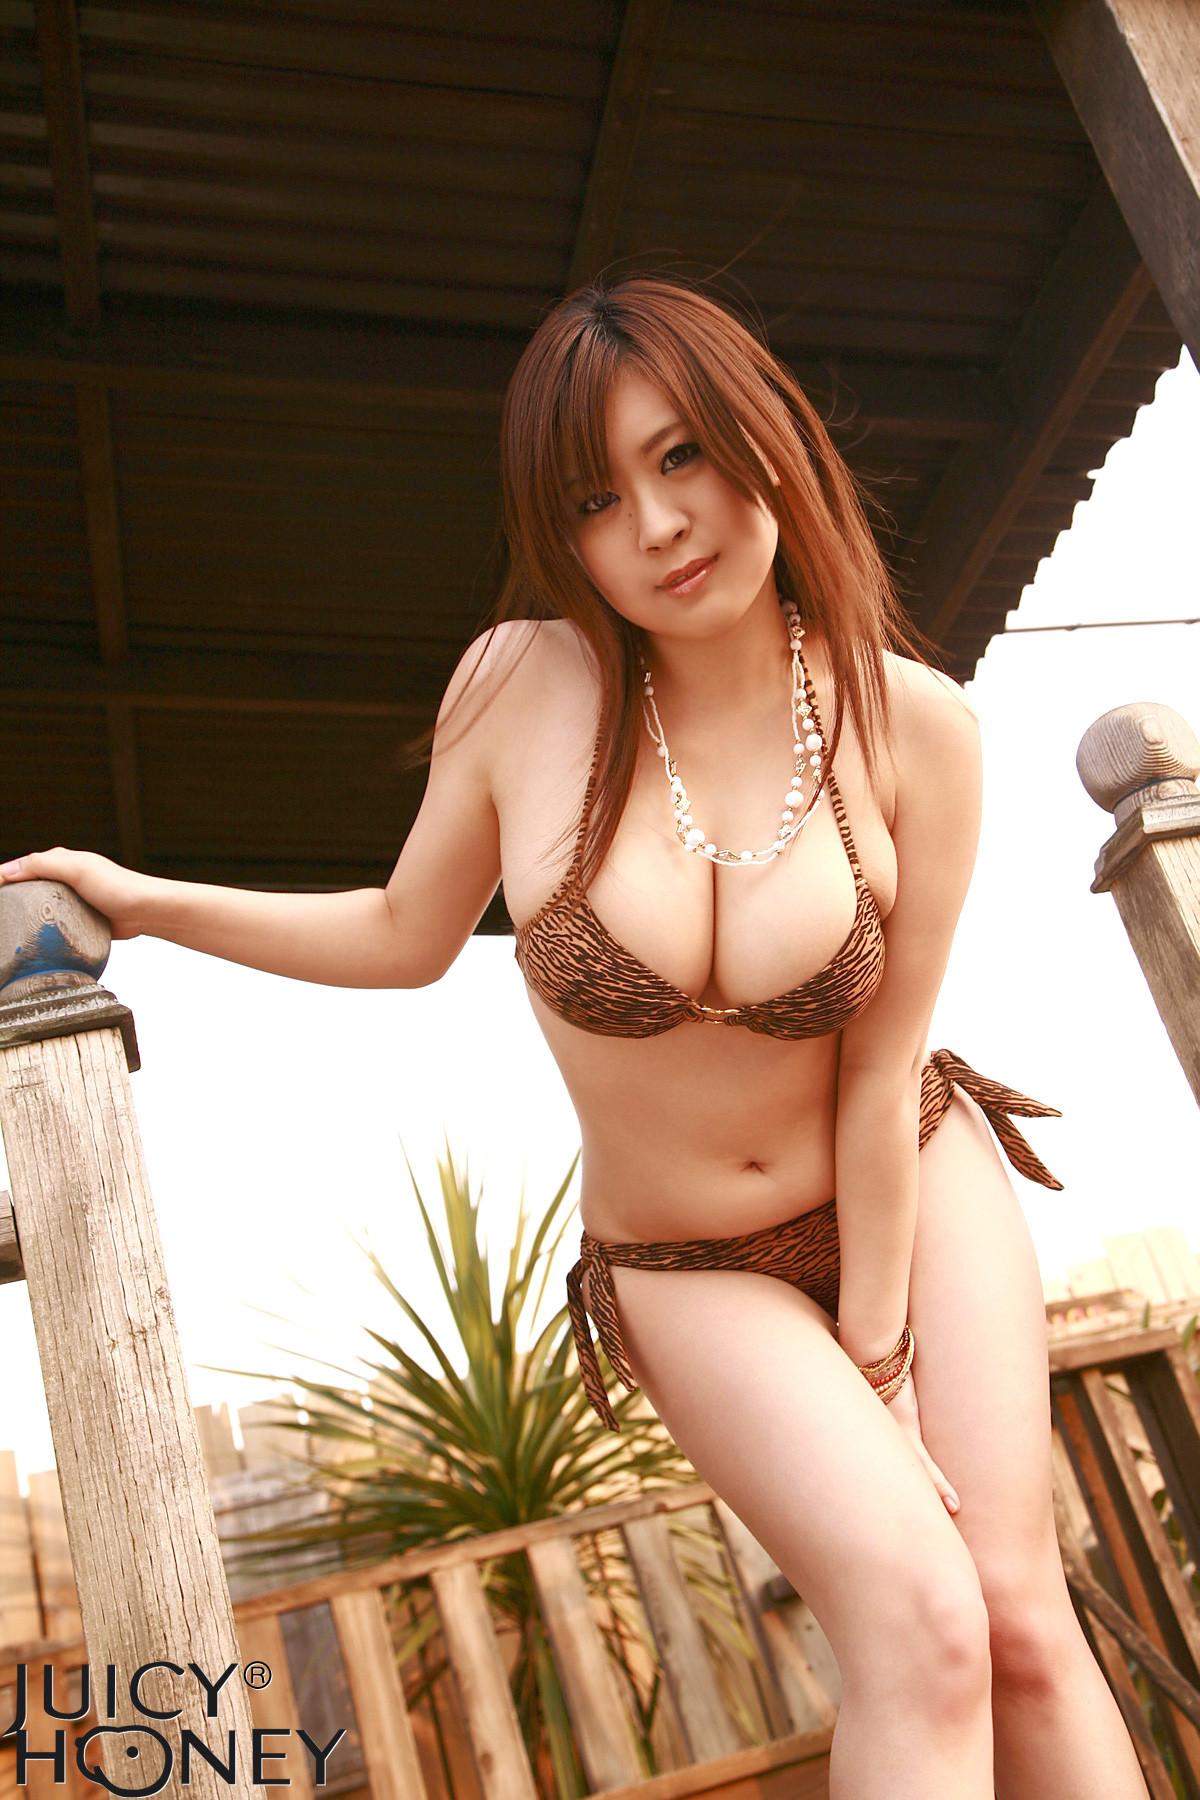 [X-City] Juicy Honey No.046 Nana Aoyama 青山菜々 082